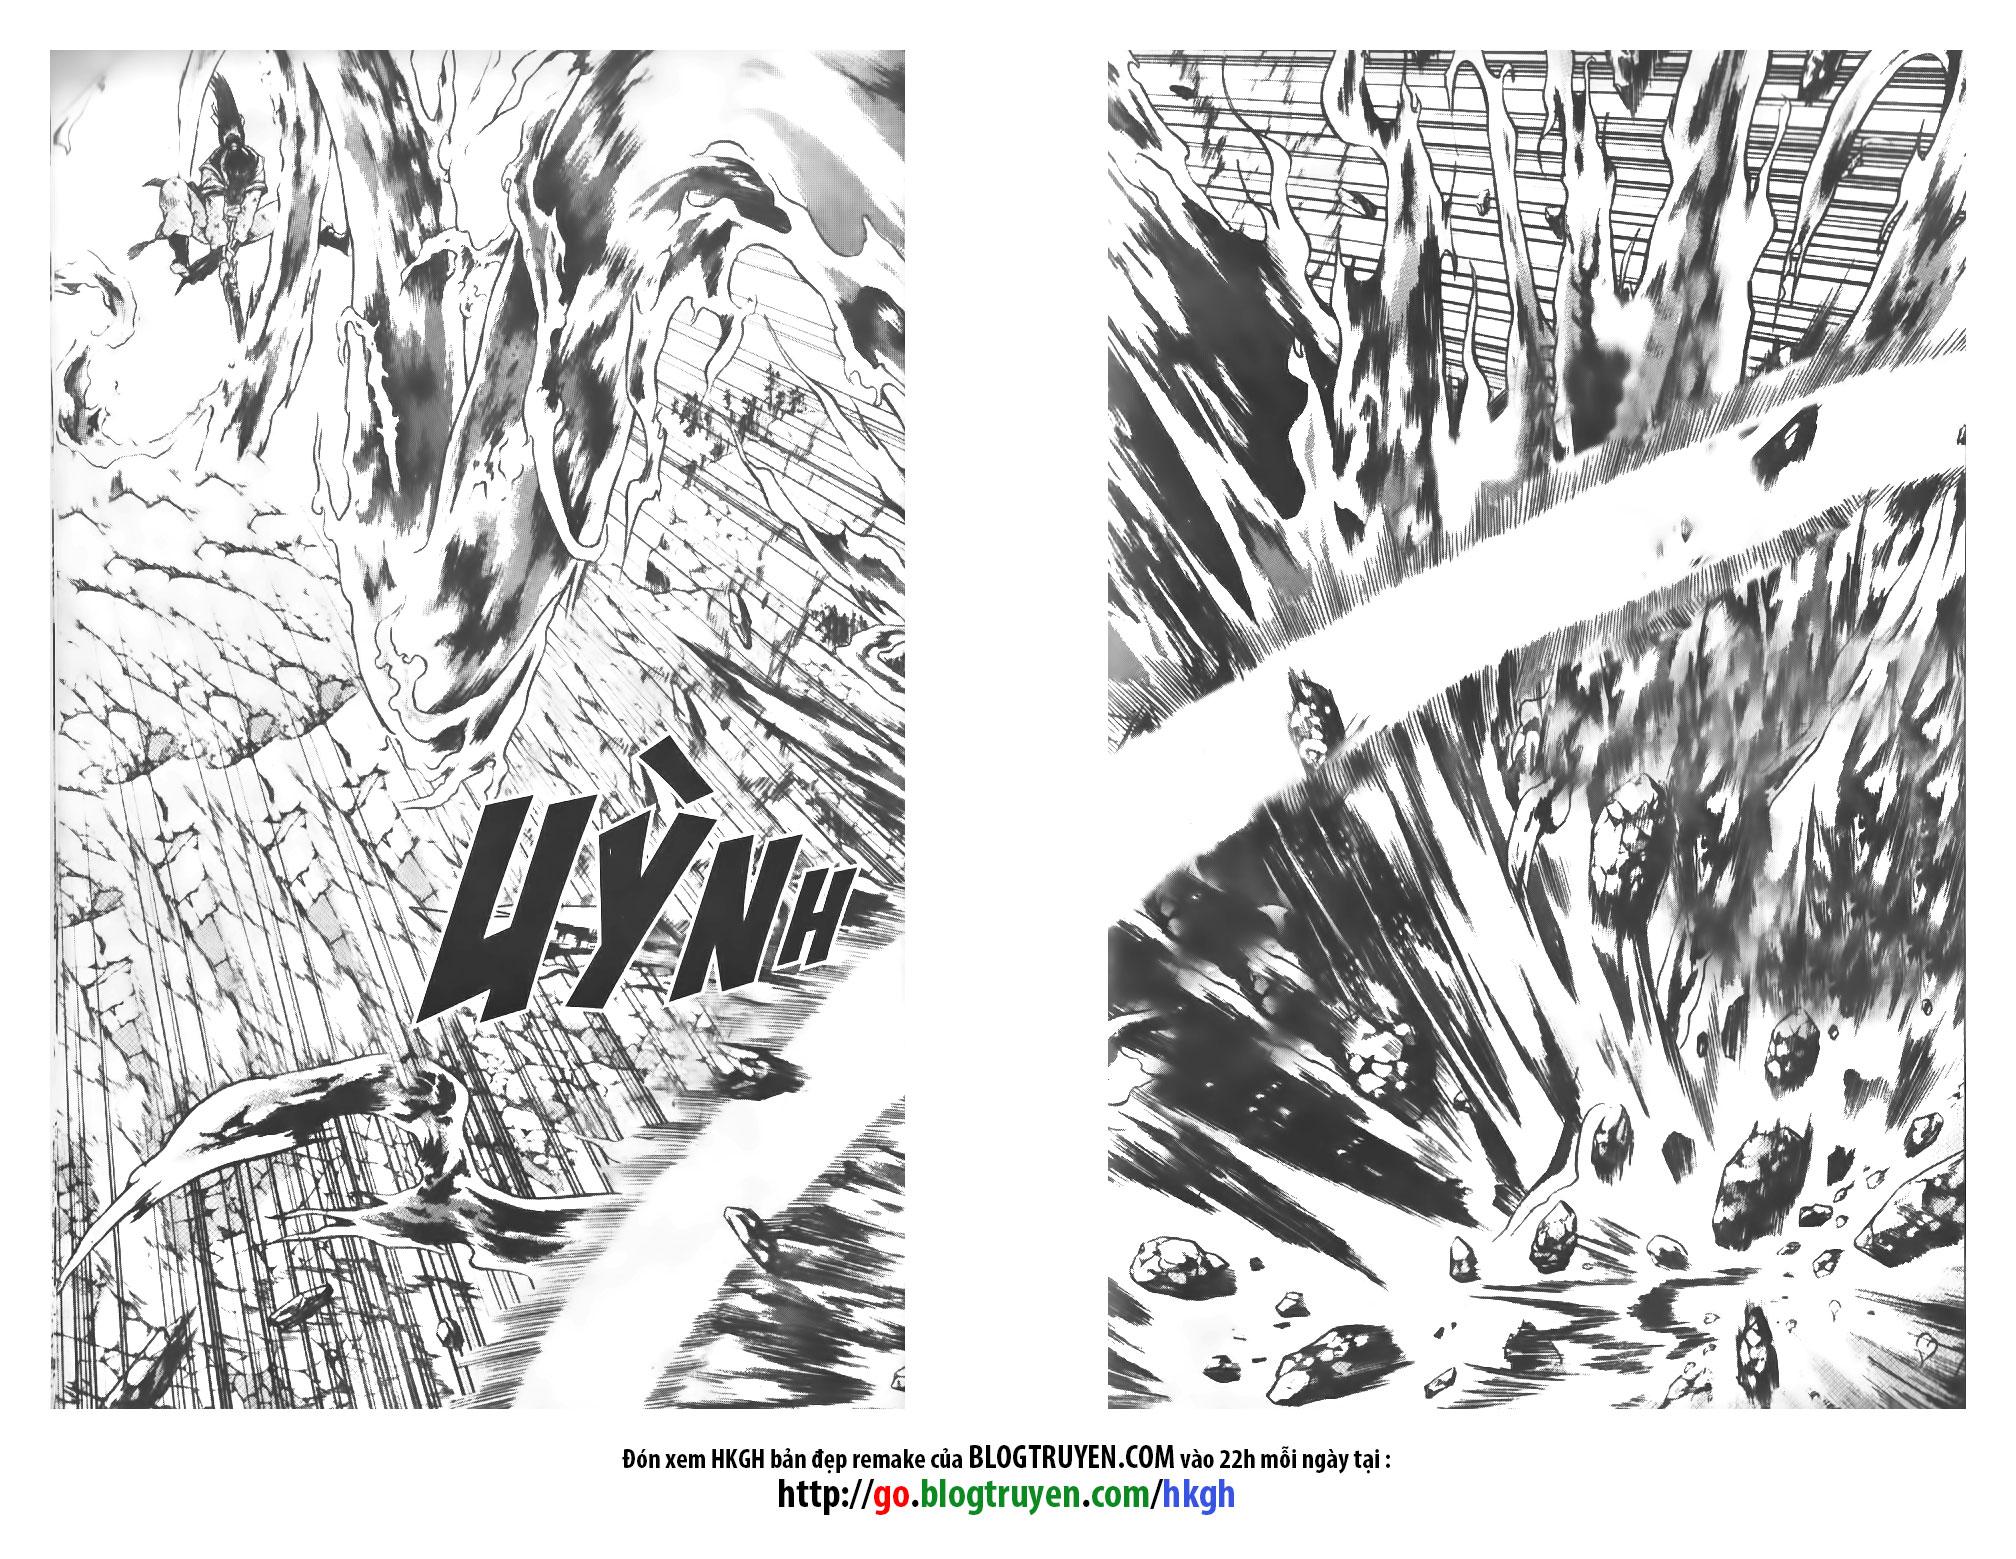 xem truyen moi - Hiệp Khách Giang Hồ Vol44 - Chap 304 - Remake